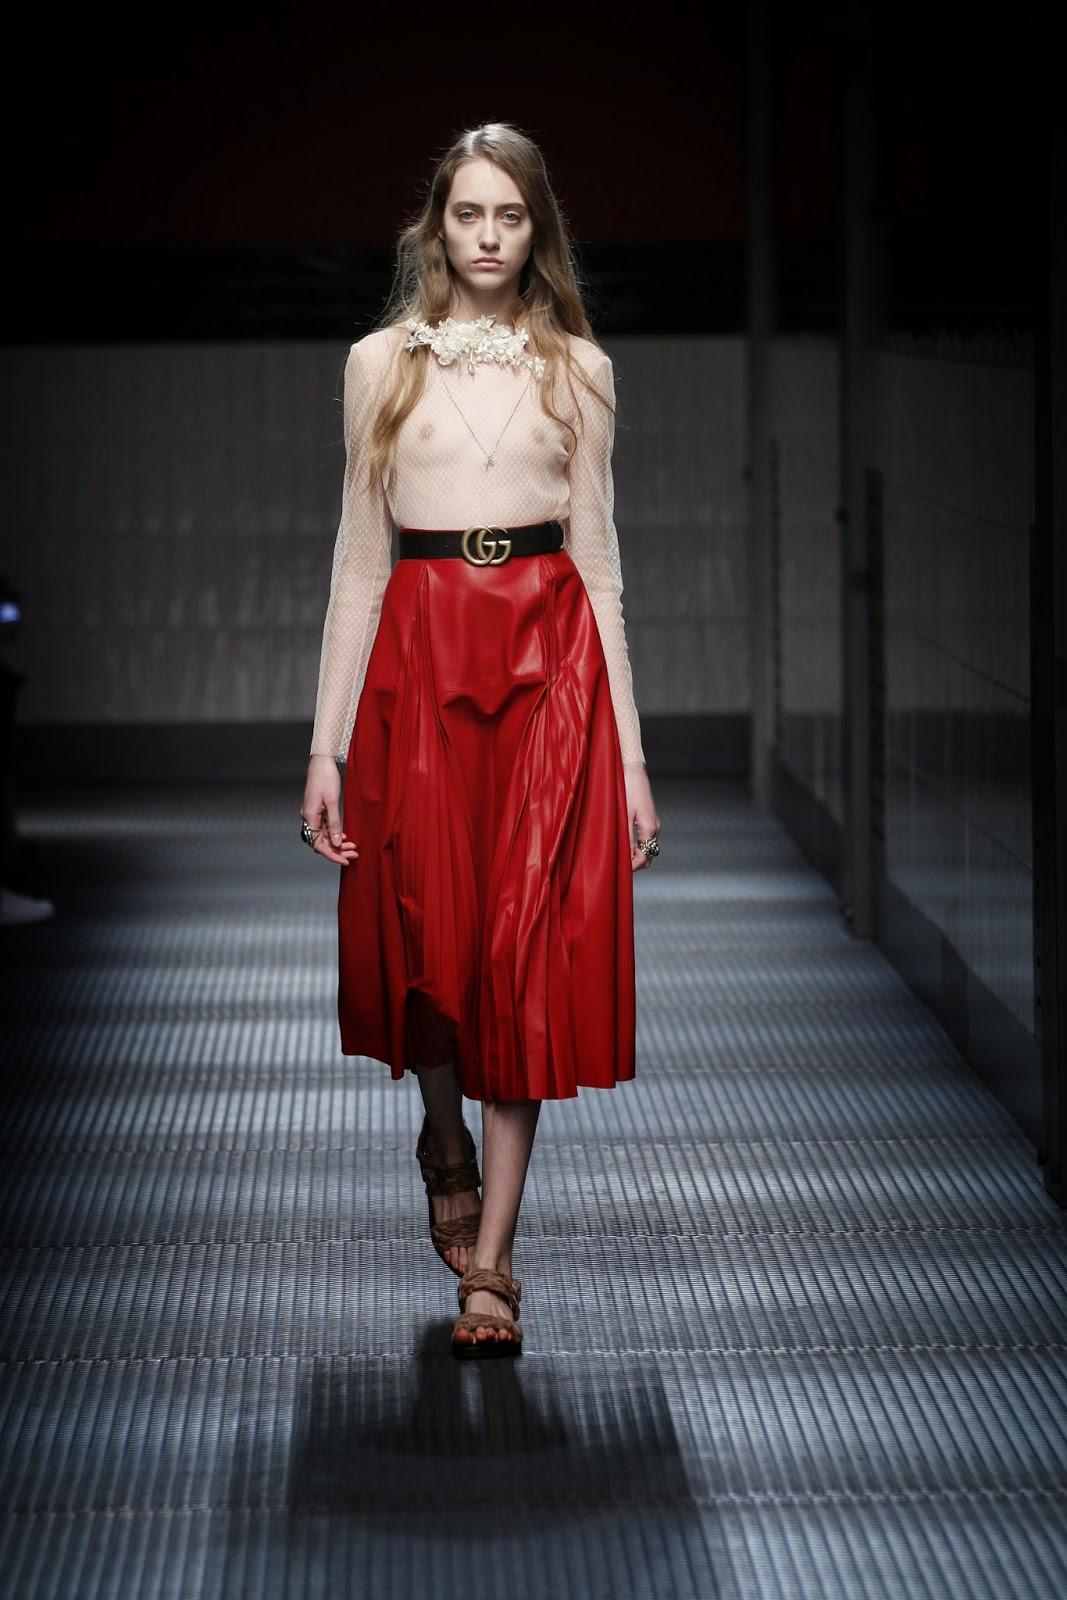 Fashionweek Milano 2015_06